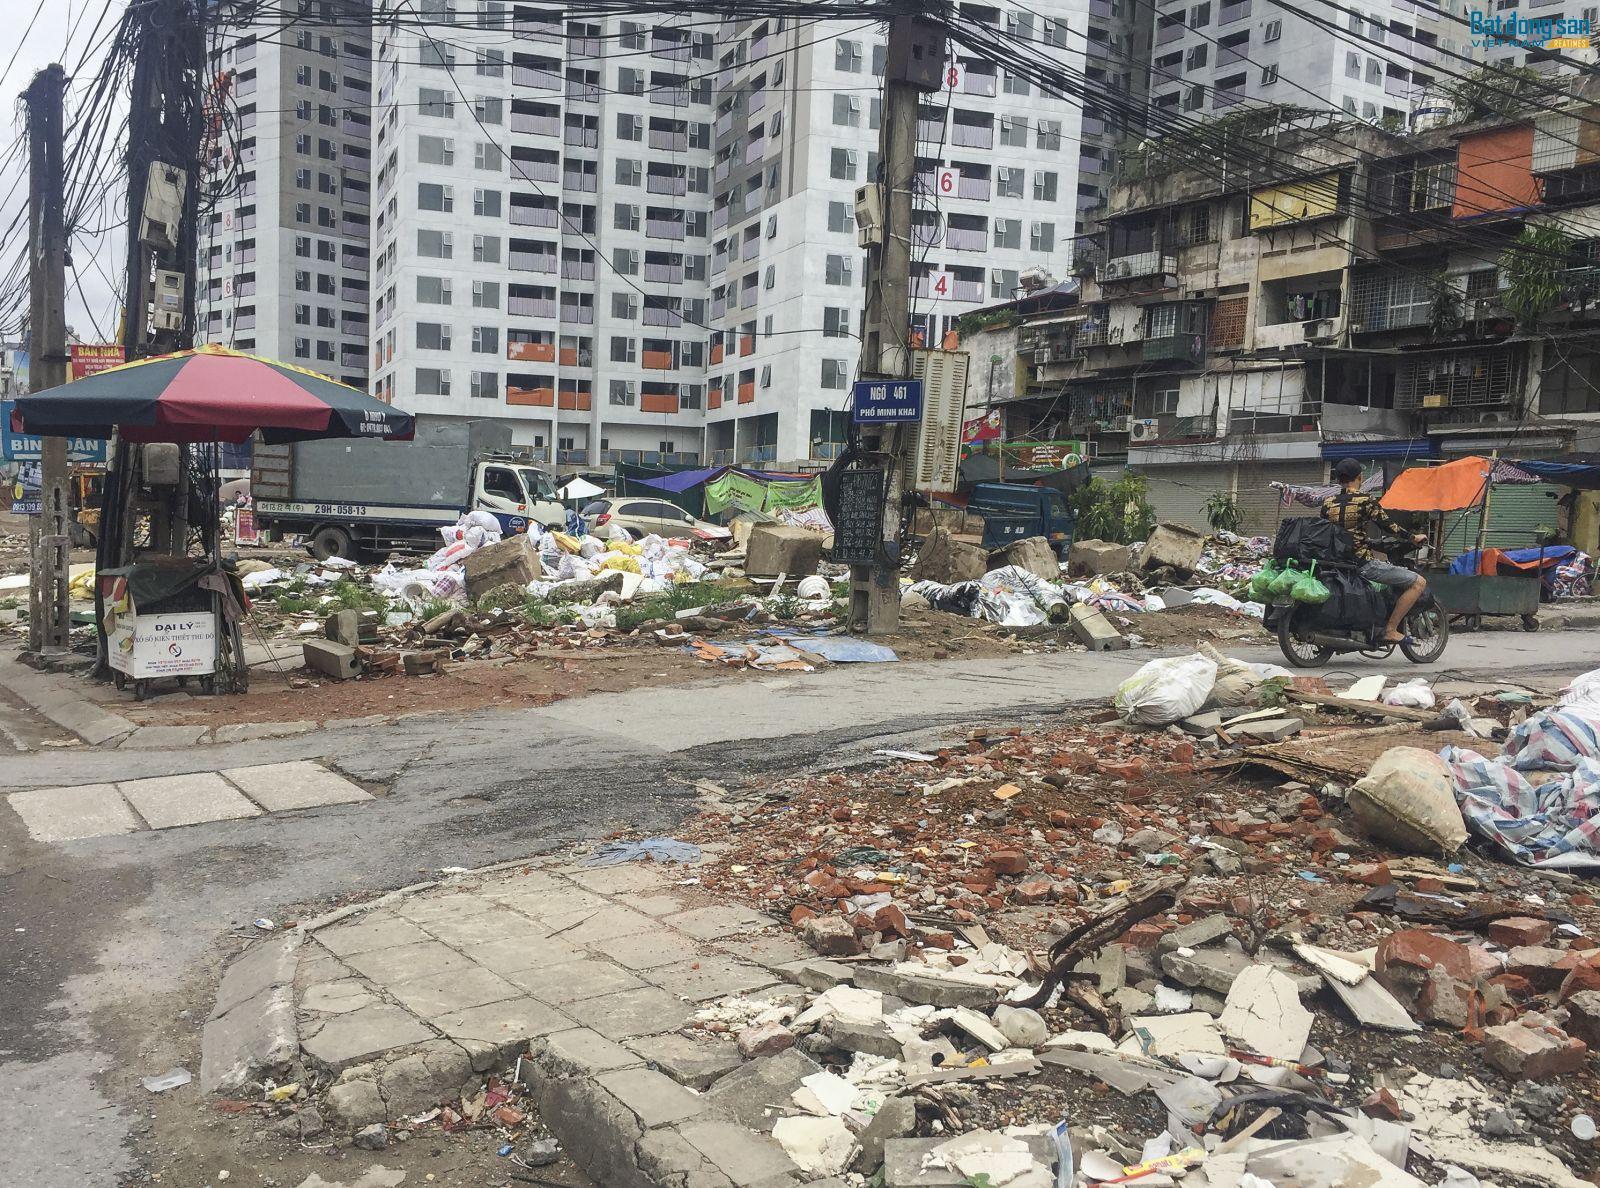 Nằm giữa trung tâm thành phố nhưng đường Minh Khai lại nhếch nhác đến mức khó hình dung